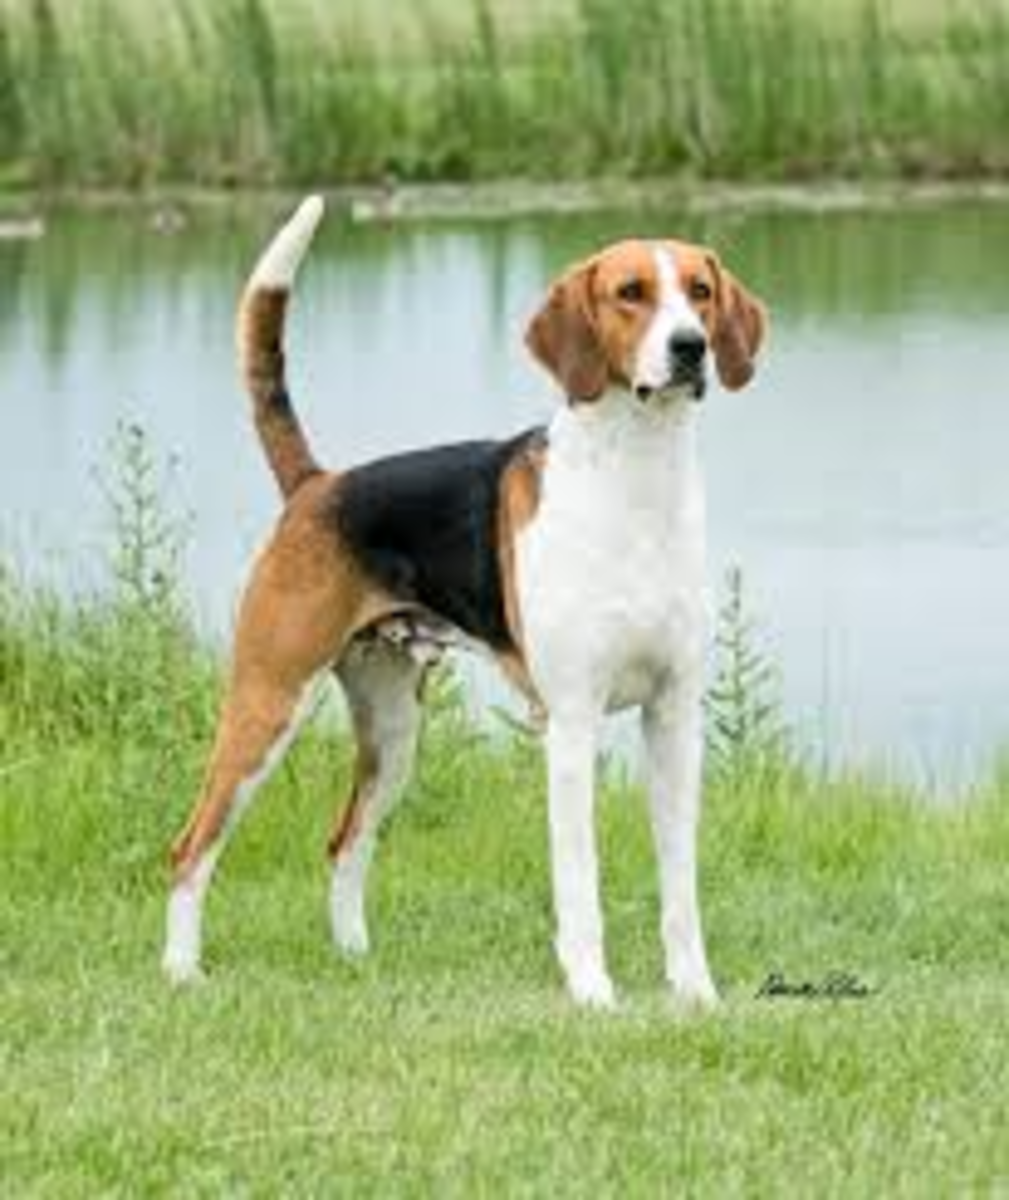 Dogs 101: 10 Hound Breeds